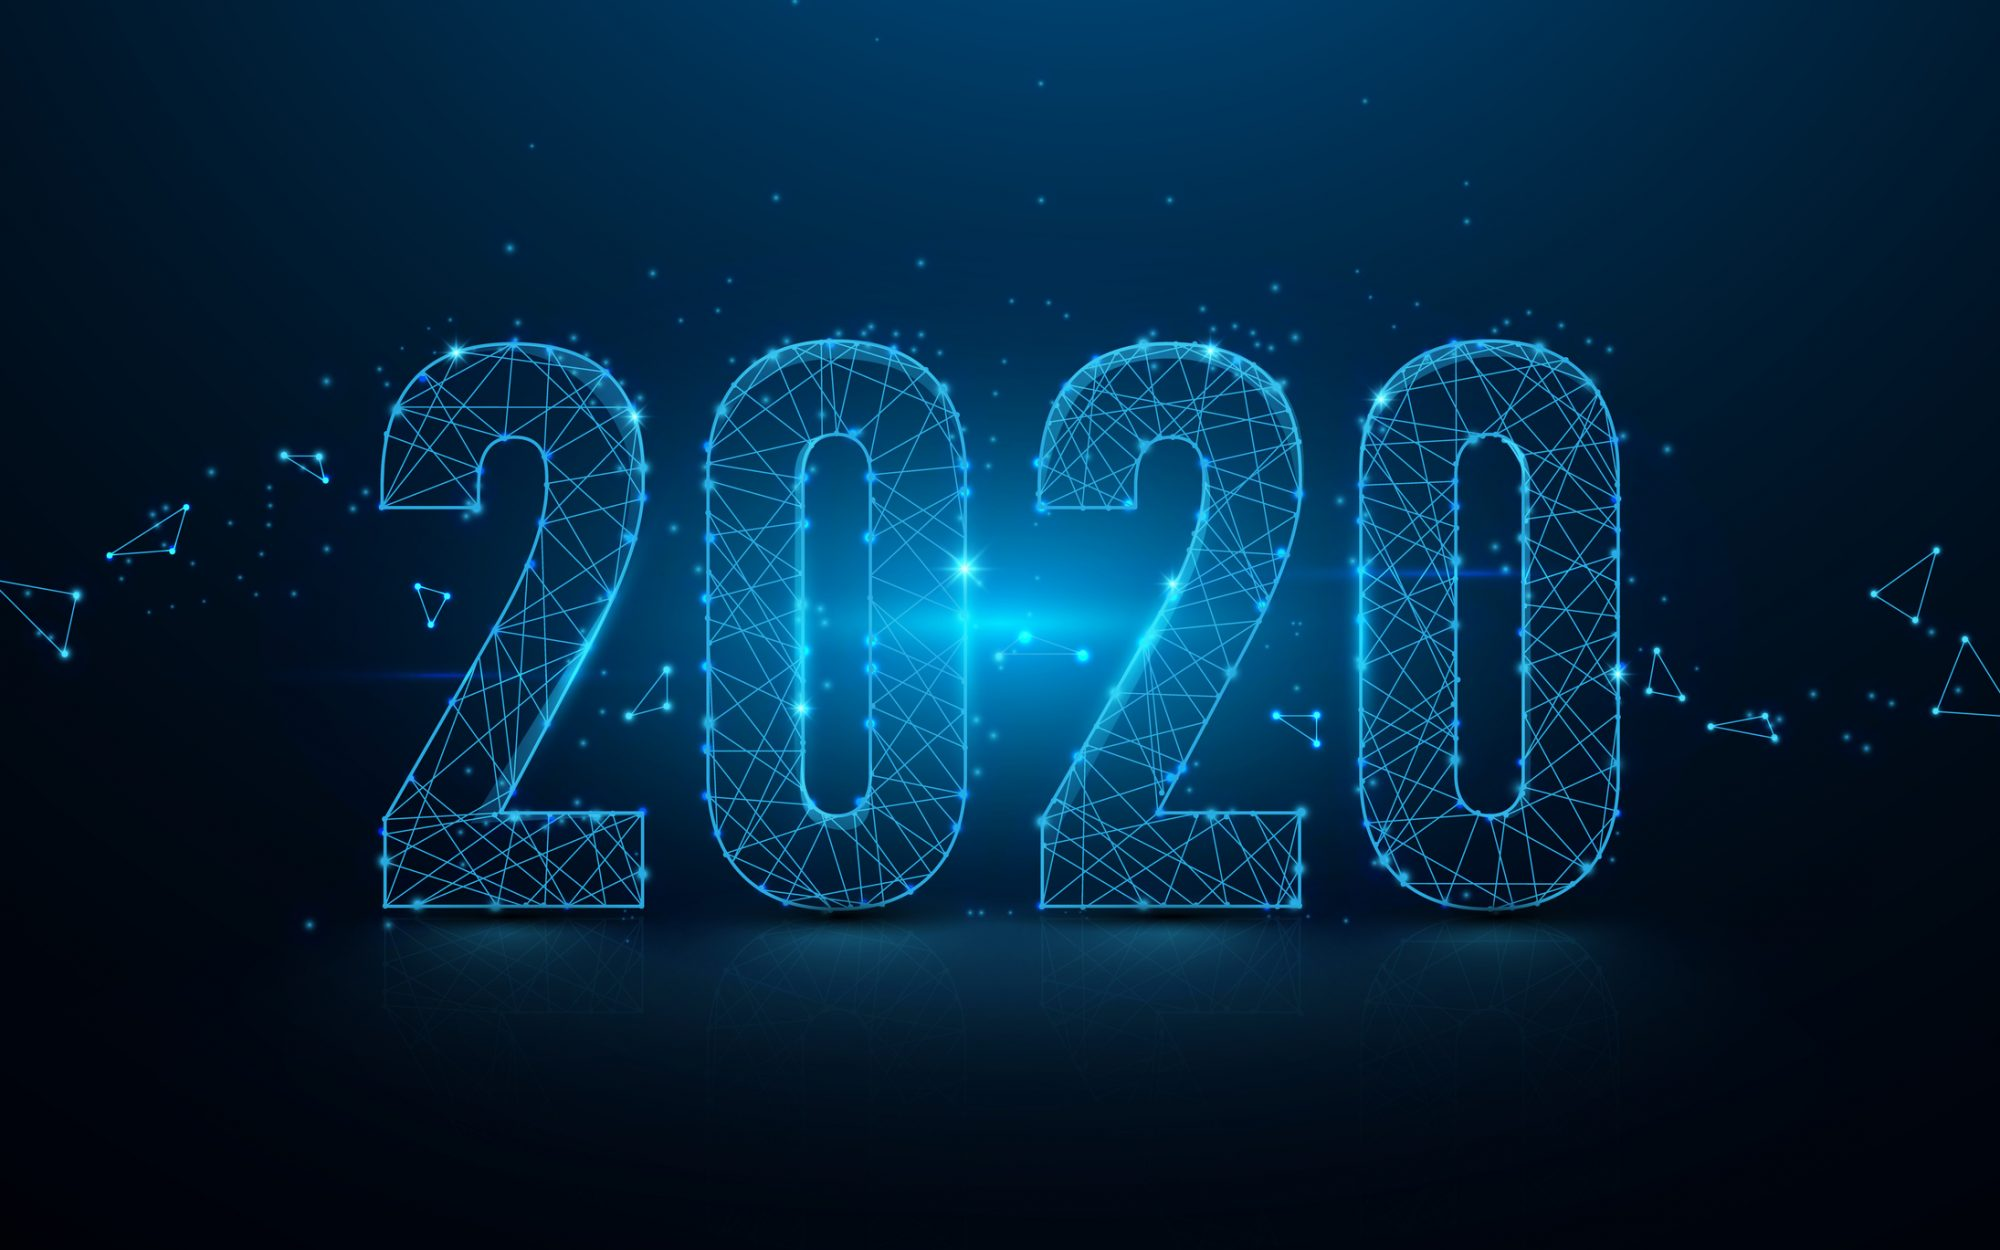 """Illustration 2020 als Metapher für """"Kreditgeschäft 2020: Digitale Ereignisse"""""""